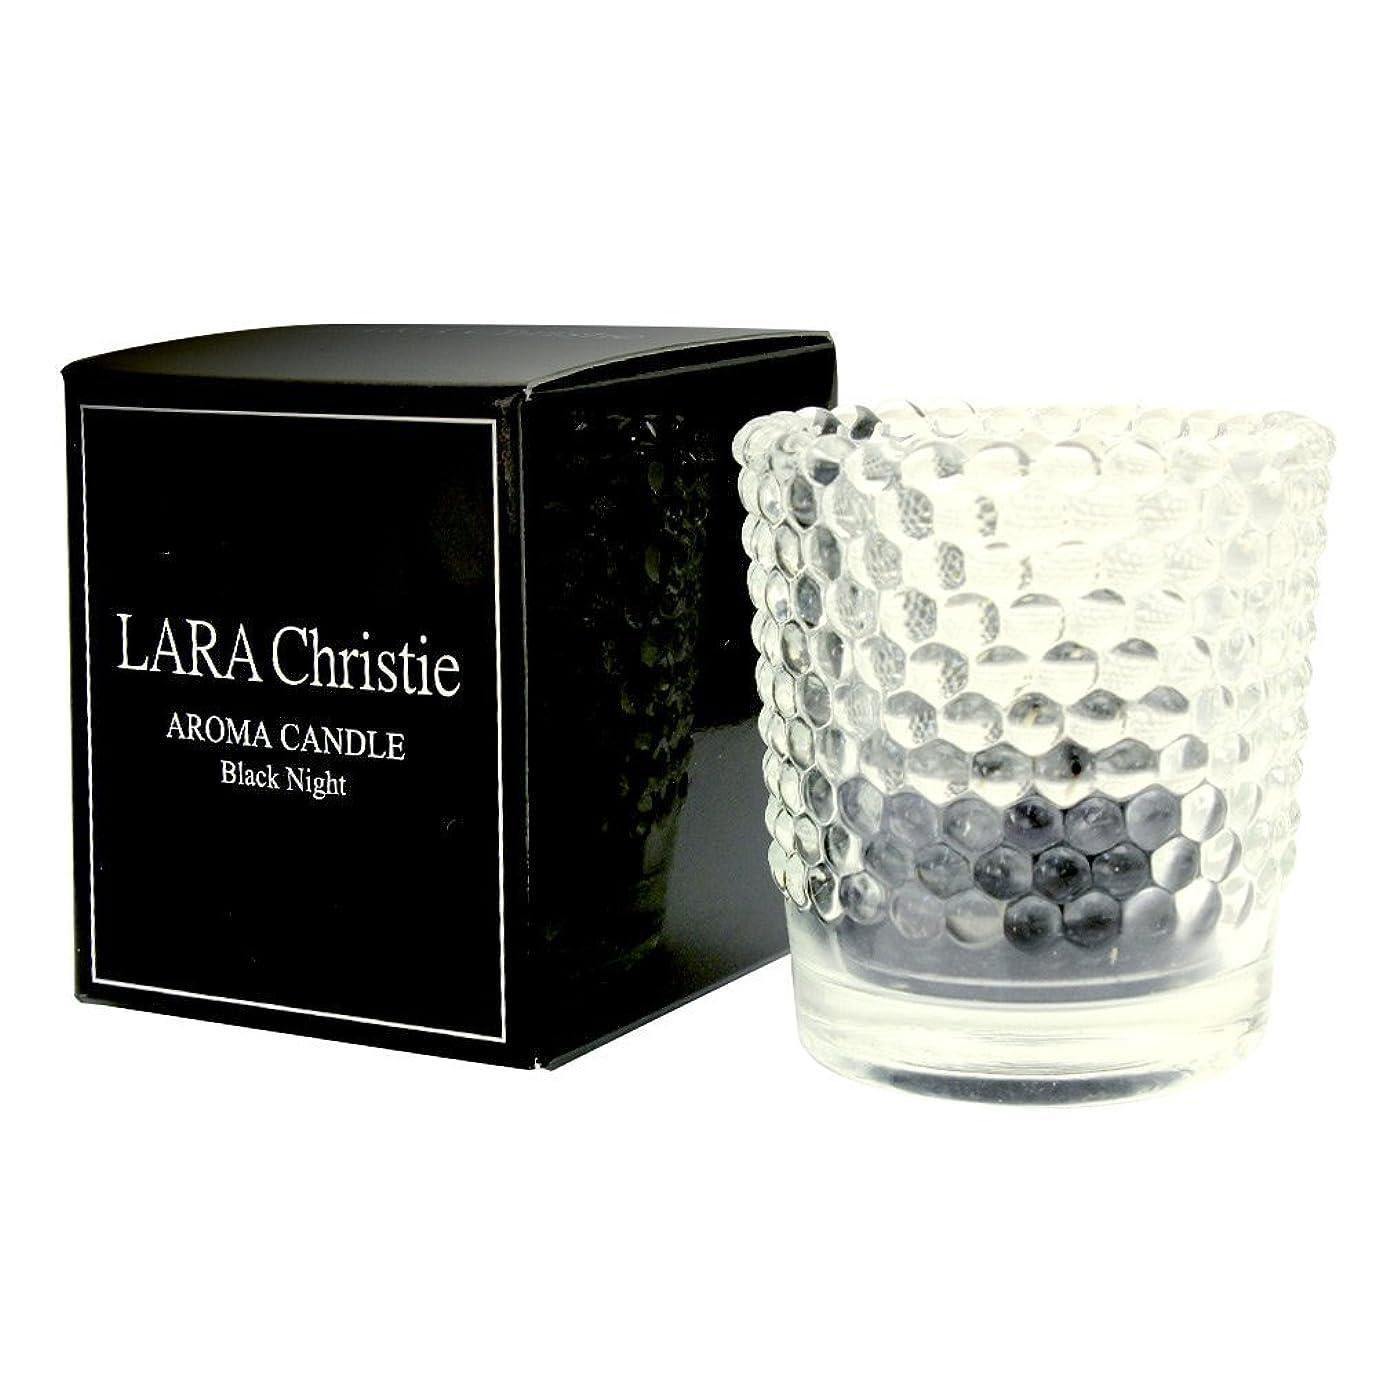 信頼ピン属する[ララクリスティー] LARA Christie ブラックナイト アロマキャンドル [ BLACK Label ] a0011-b